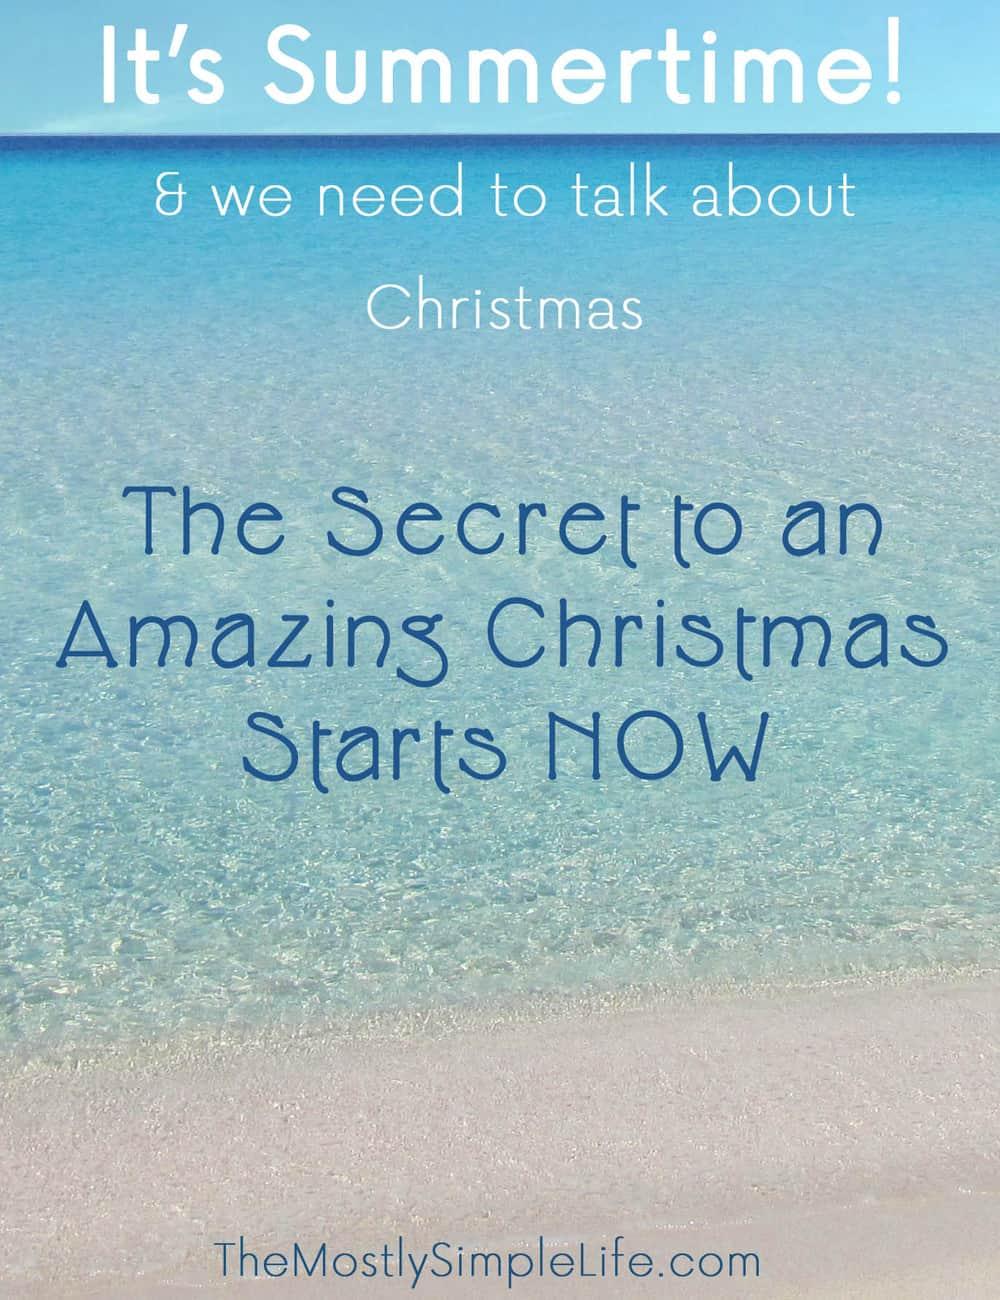 Save for Christmas Now